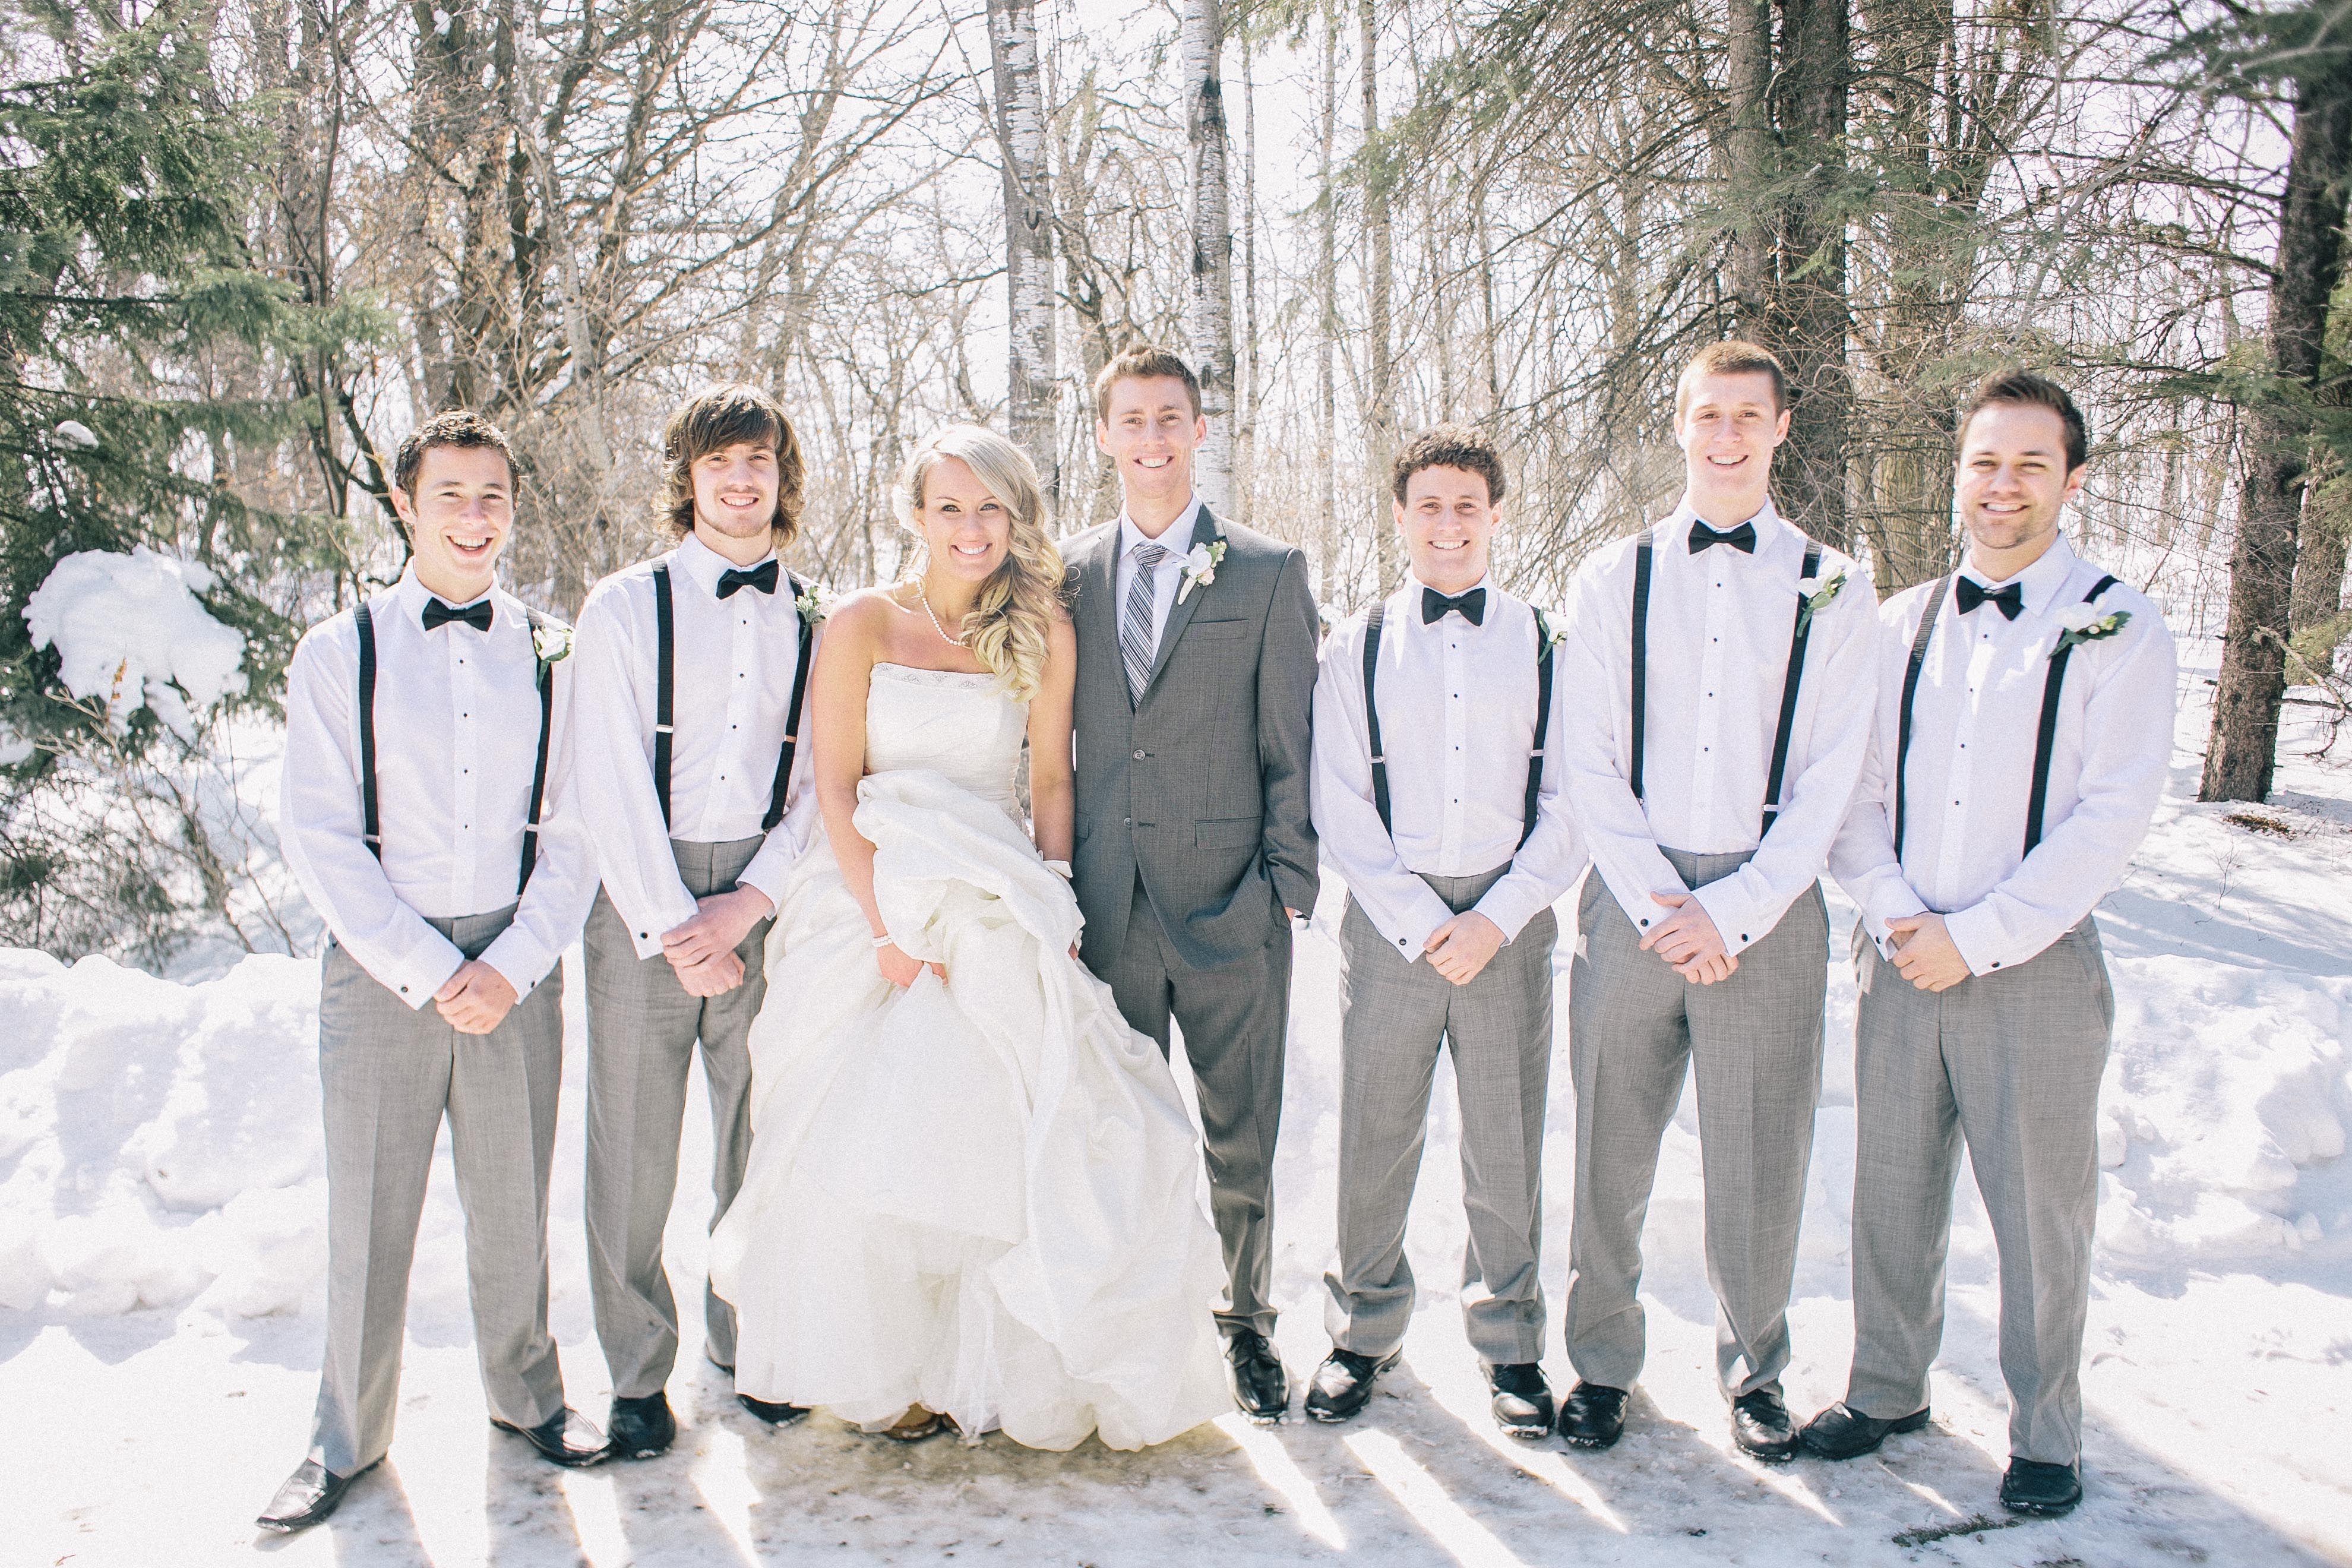 suspenders groomsmen bow ties wedding planning